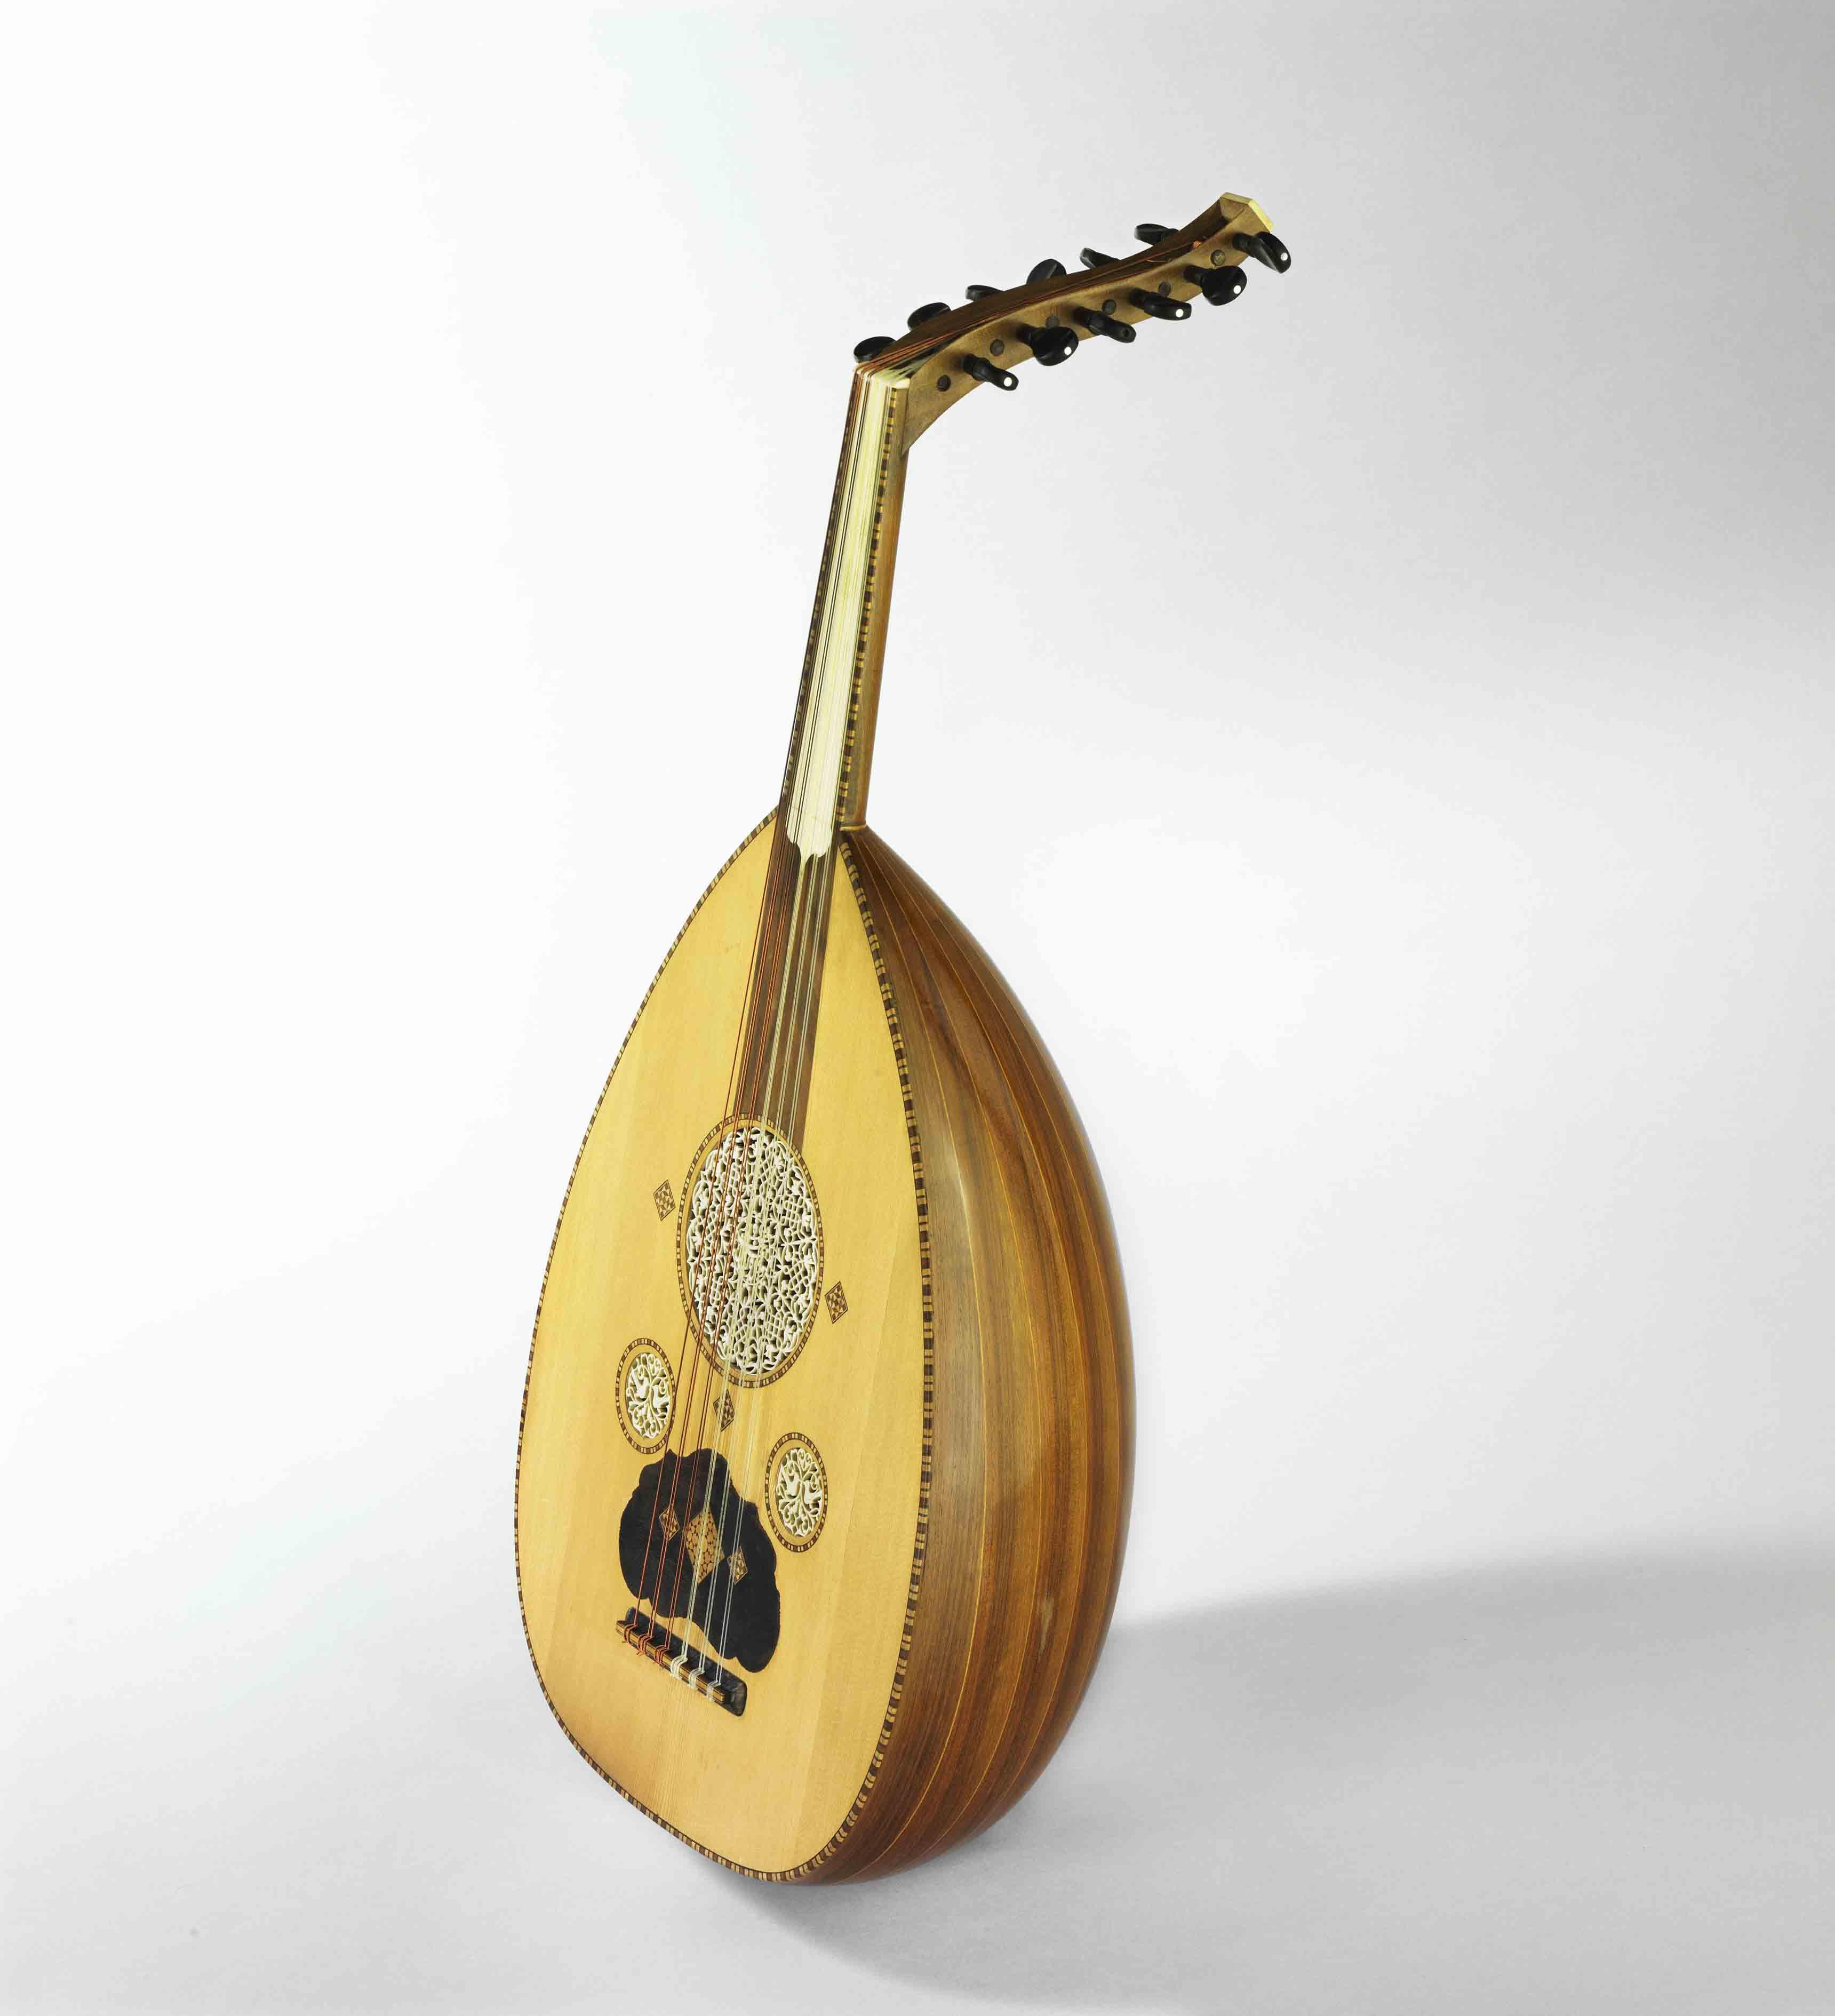 Oud conçu par Georges Nahat, 1931, Syrie, Damas, Musée de la musique, Cité de la musique - Philharmonie de Paris Jean-Marc Anglès